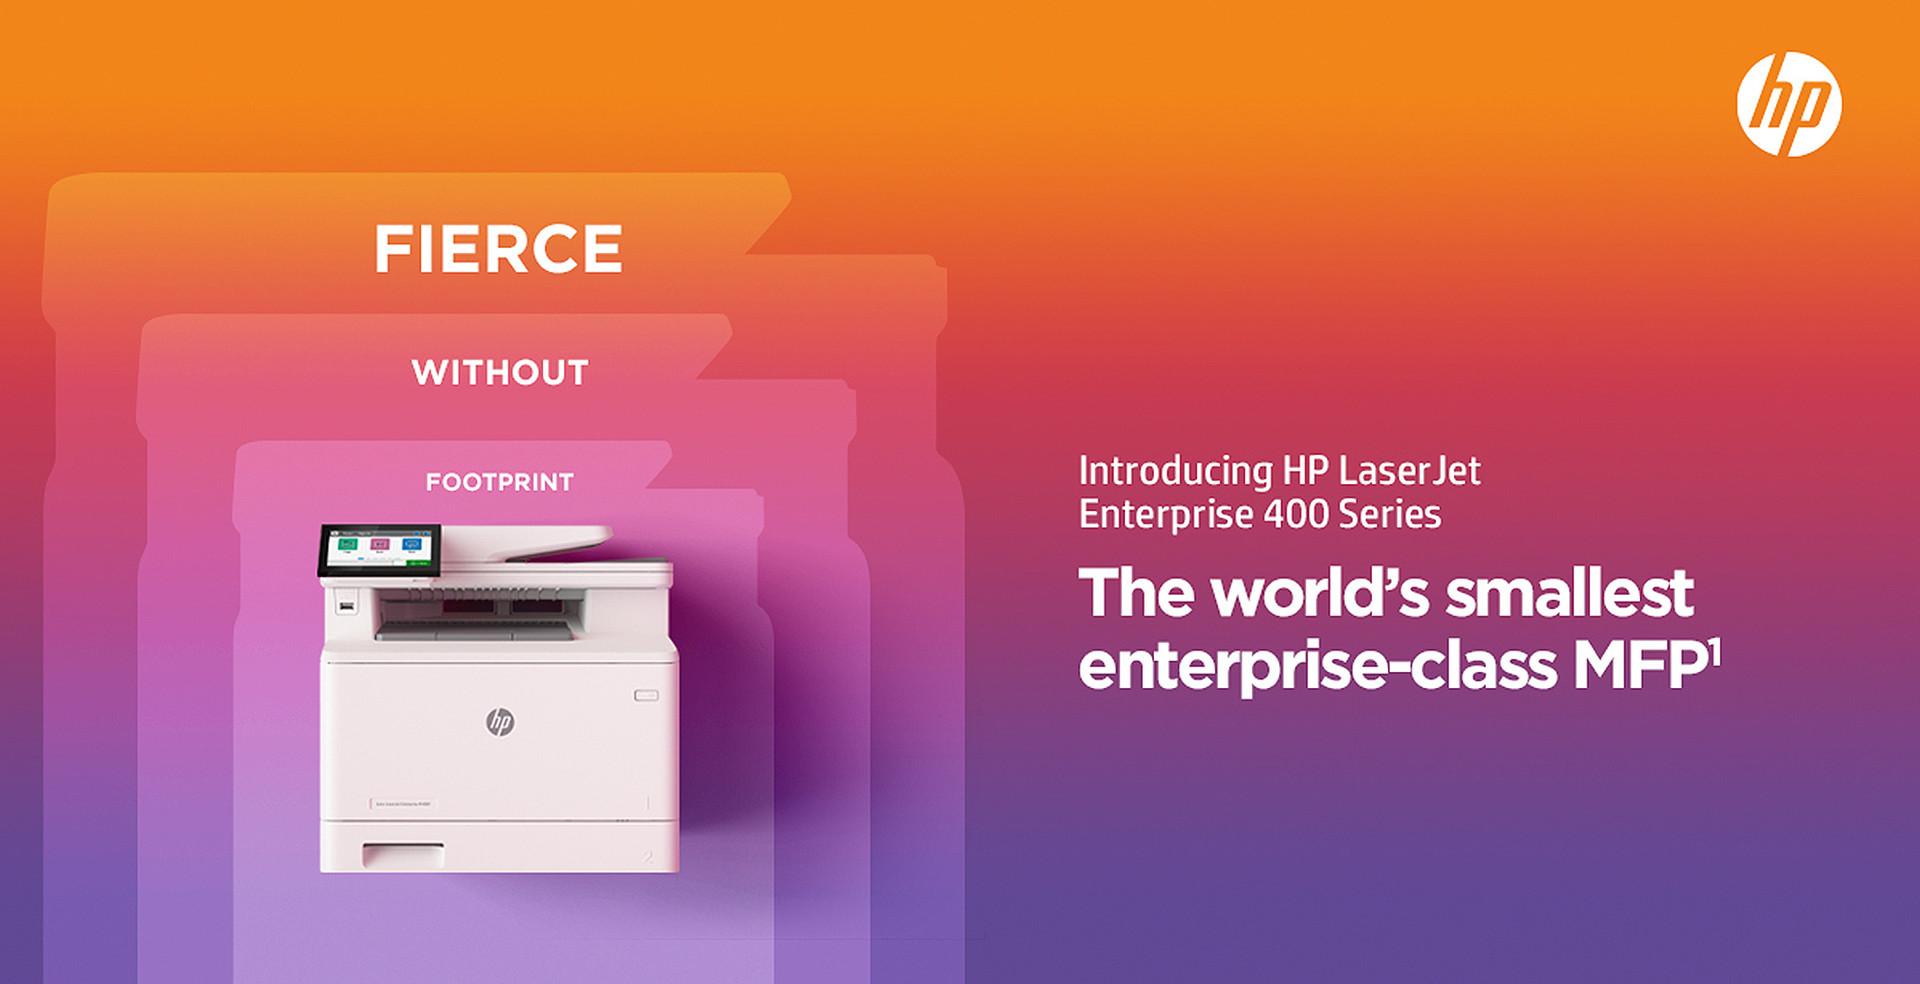 Fierce without Footprint: New HP LaserJet Enterprise 400 Series